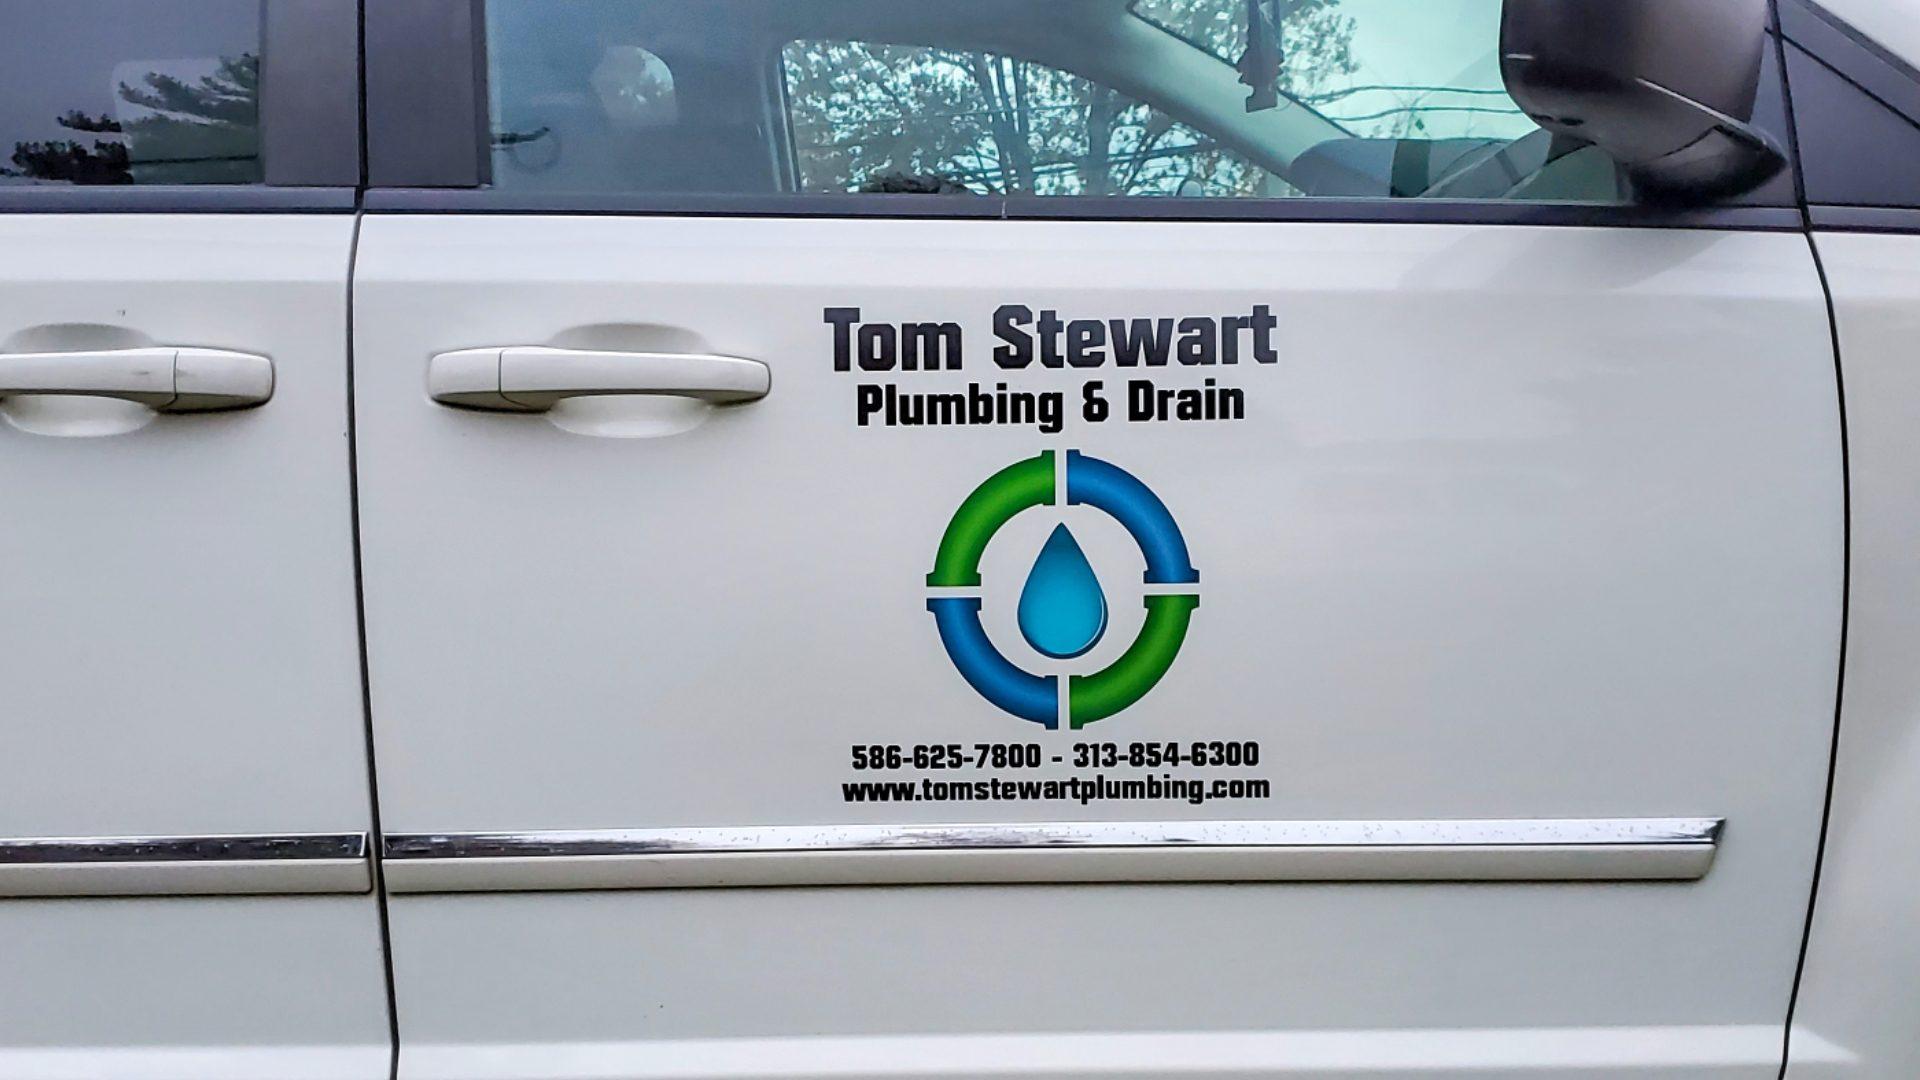 Tom Stewart Plumbing Van Fleet Graphics (3)